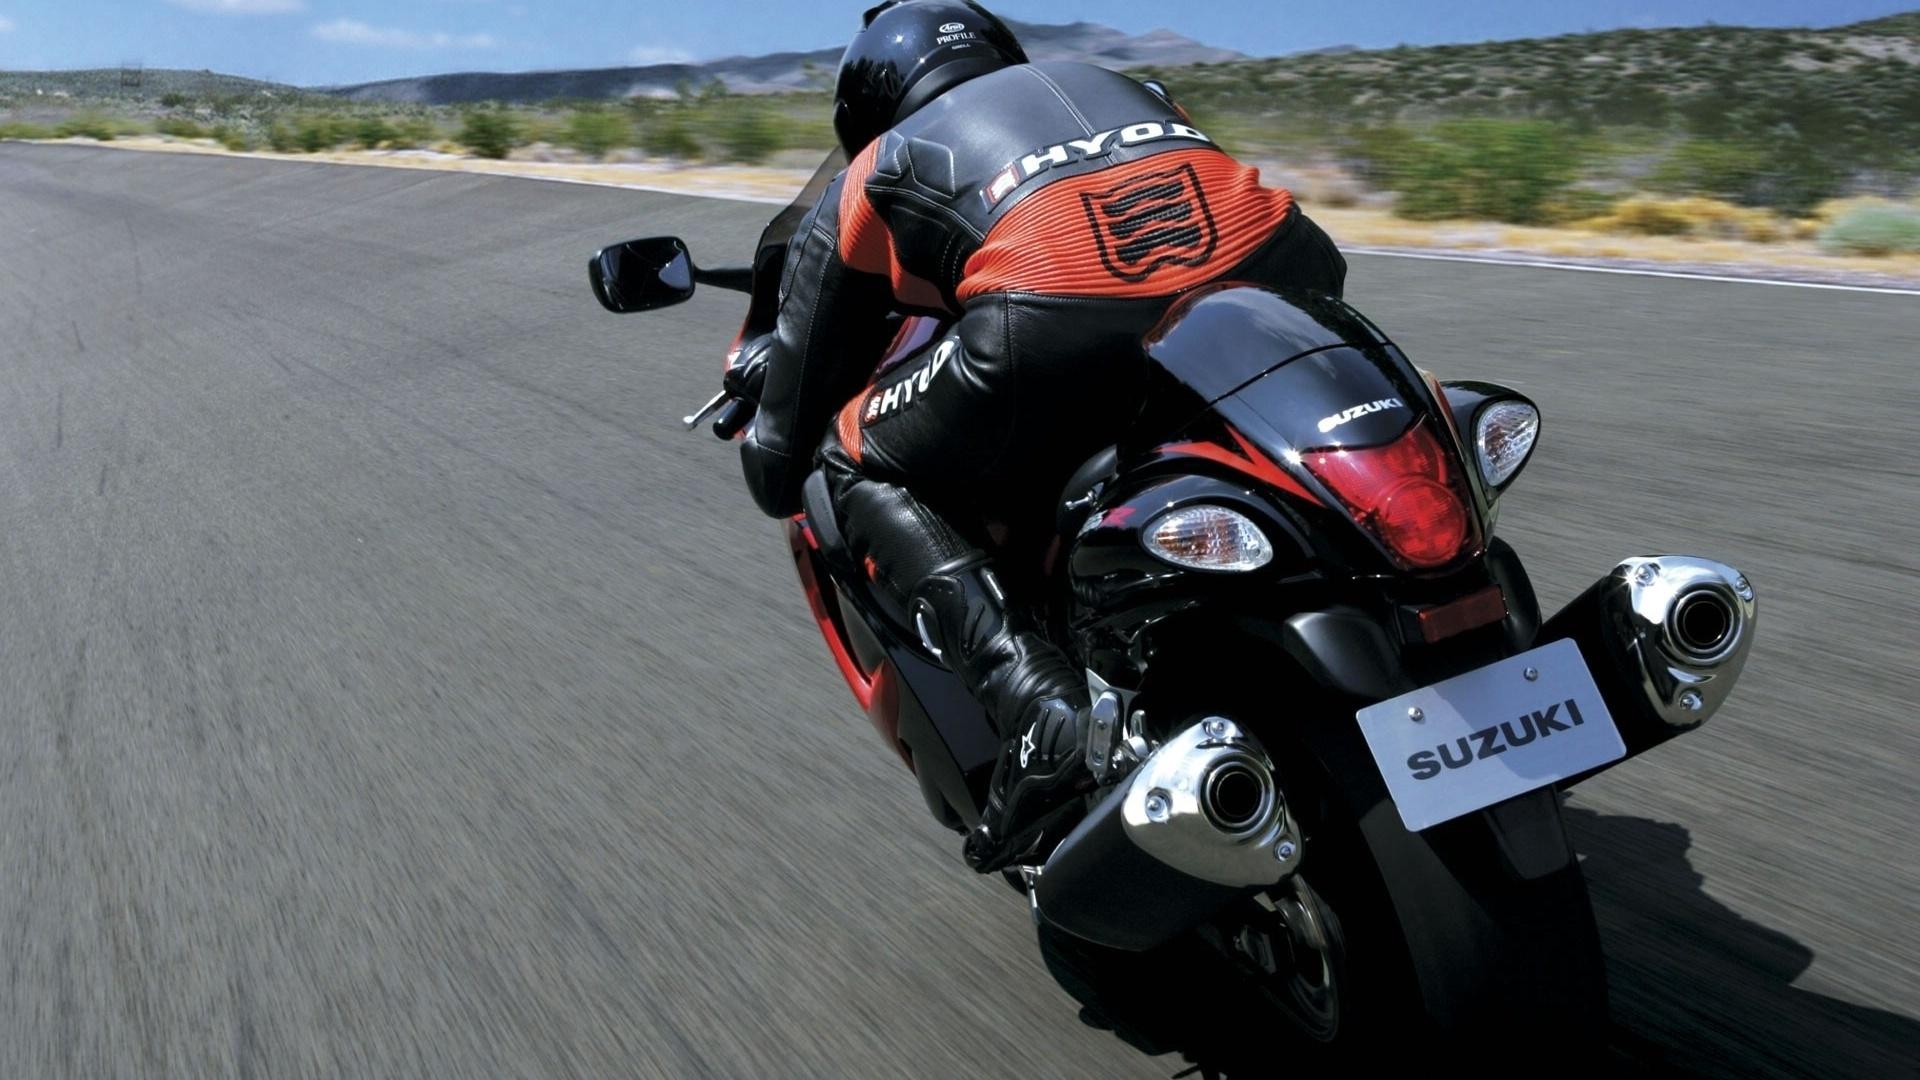 Мотобайк, мотоцикл, скорость, трасса, обои